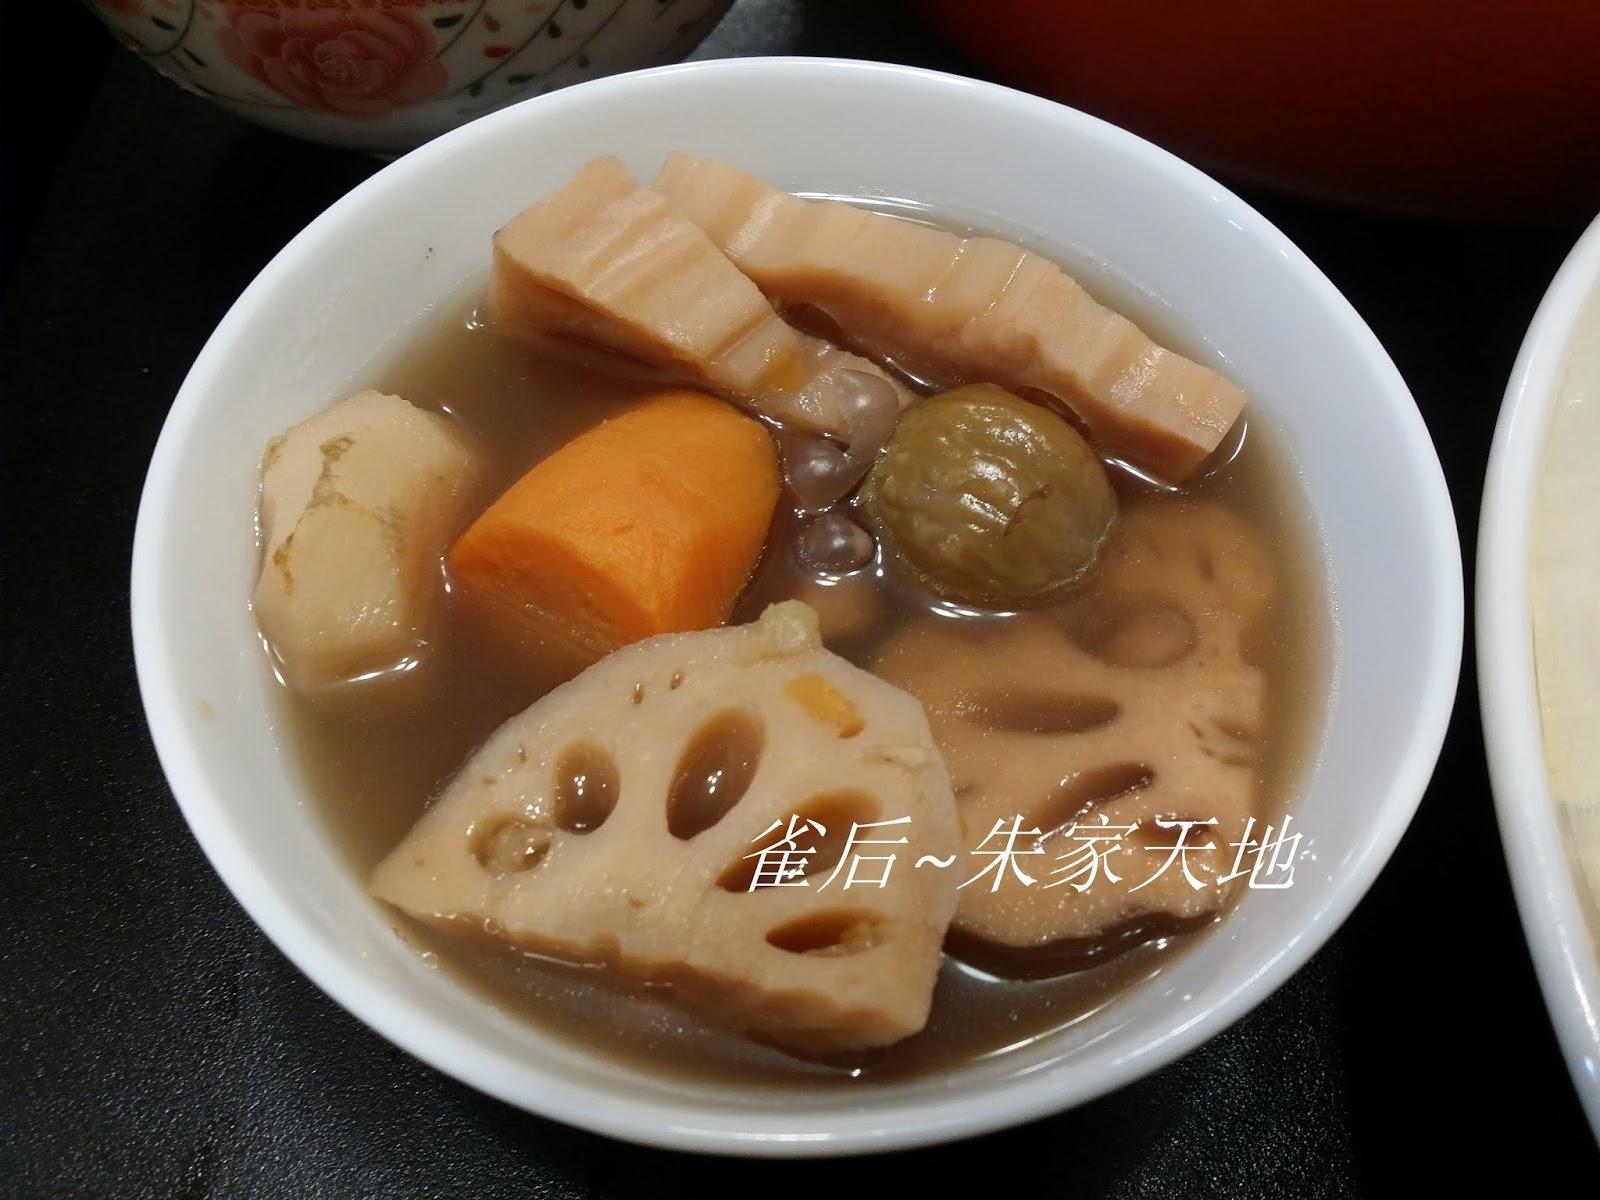 素湯~蓮藕馬蹄甘筍眉豆花生湯